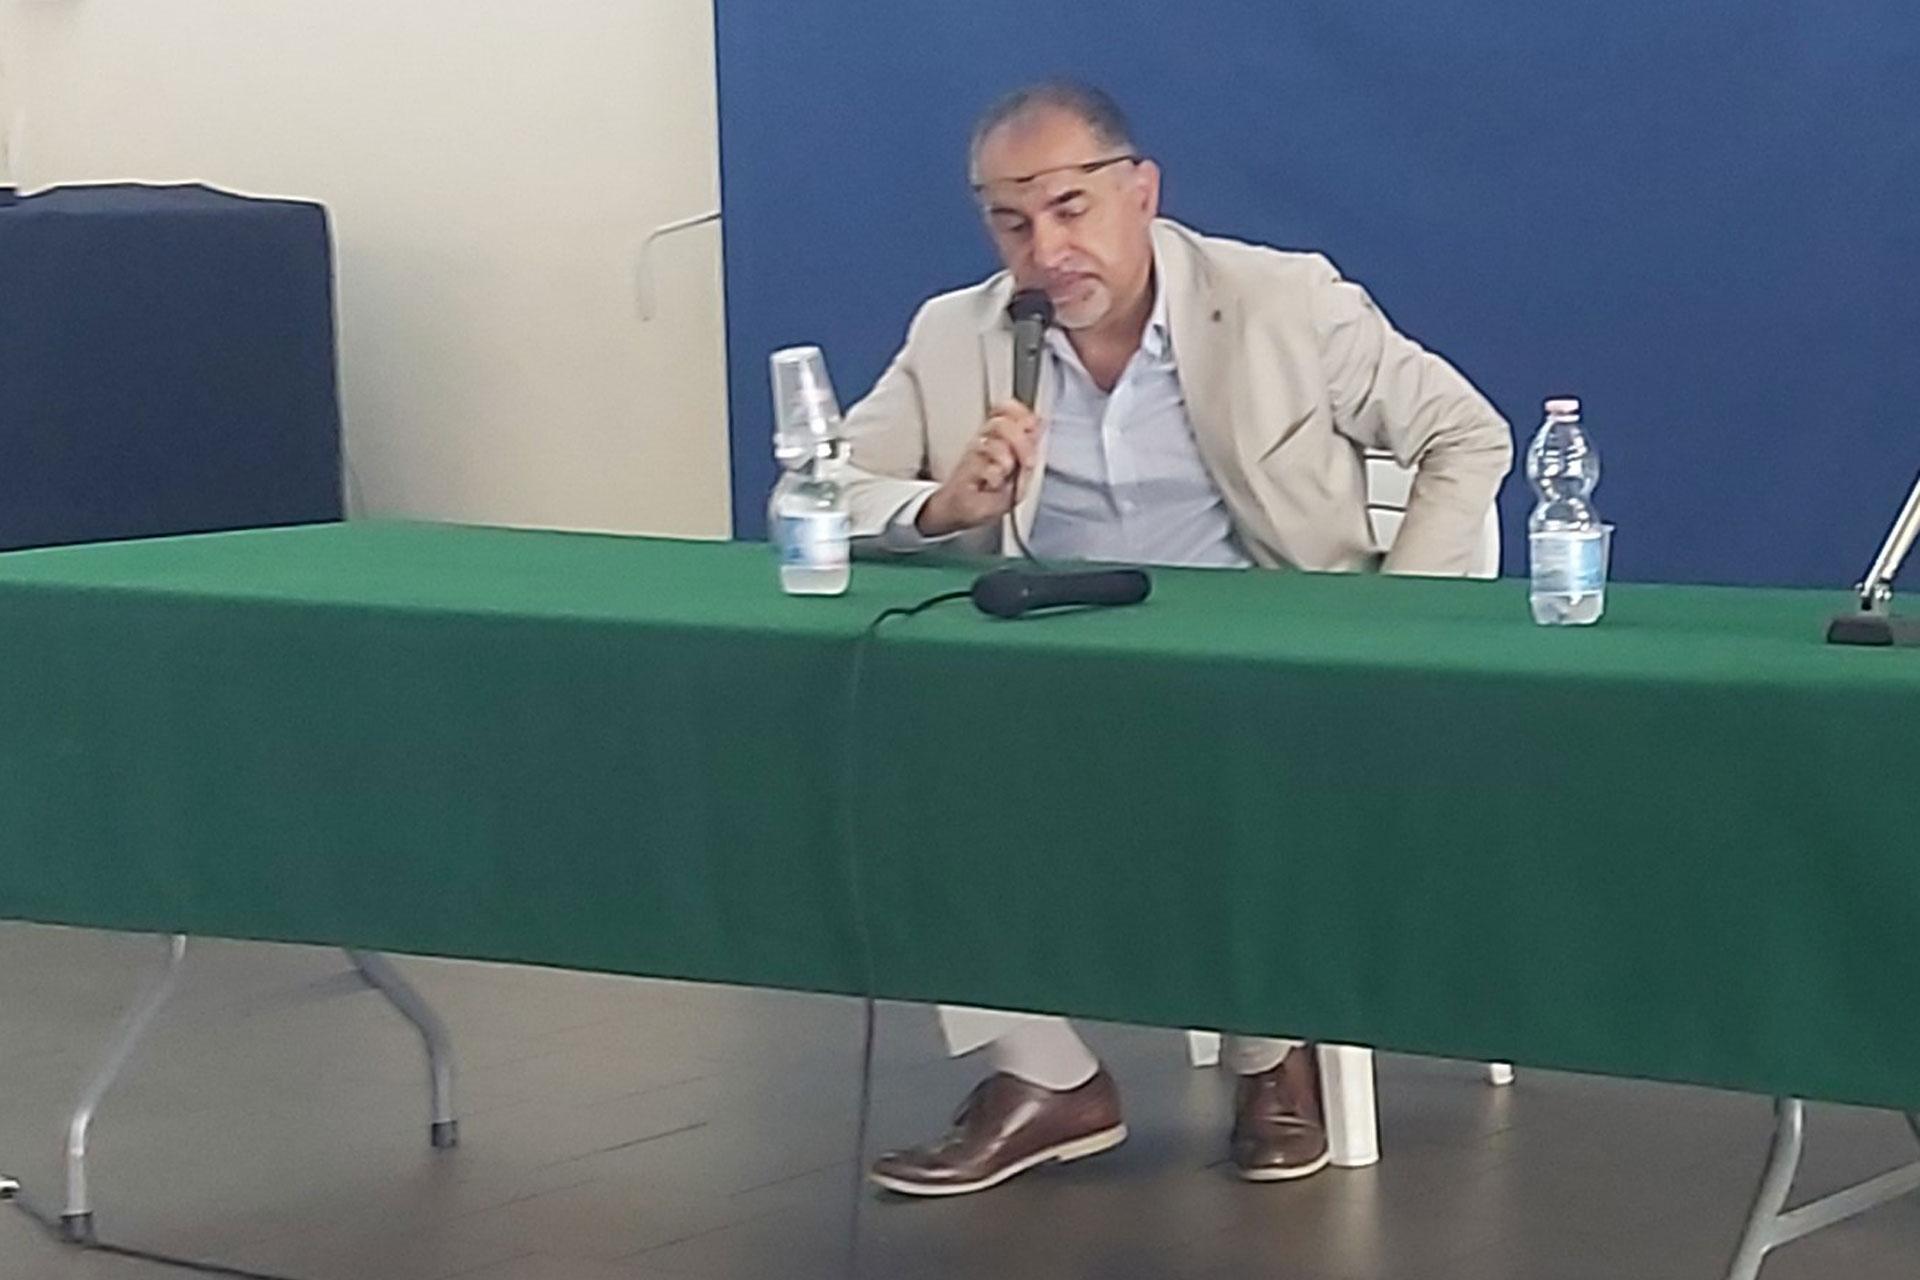 Francesco Ferrini nuovo presidente Distretto vivaistico pistoiese. Soddisfazione Cia, Orlandini: «Tema sostenibilità impone stretto rapporto fra ricerca e imprese»